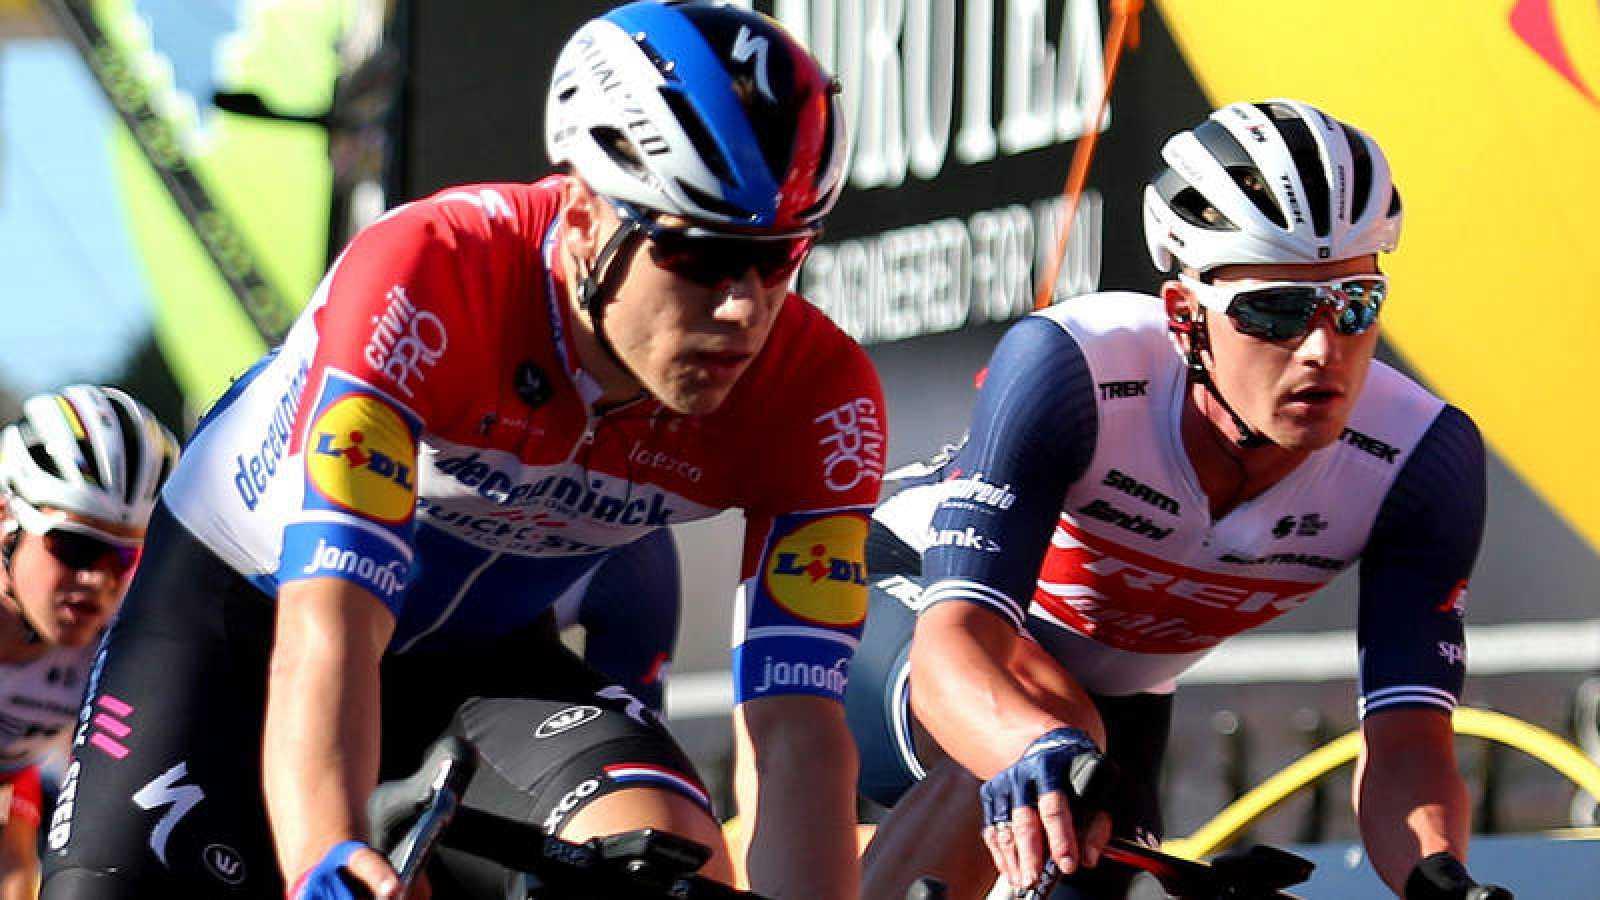 Fabio Jakobsen (con el maillot de campeón de Holanda, en el centro), durante la primera etapa del Tour de Polonia.